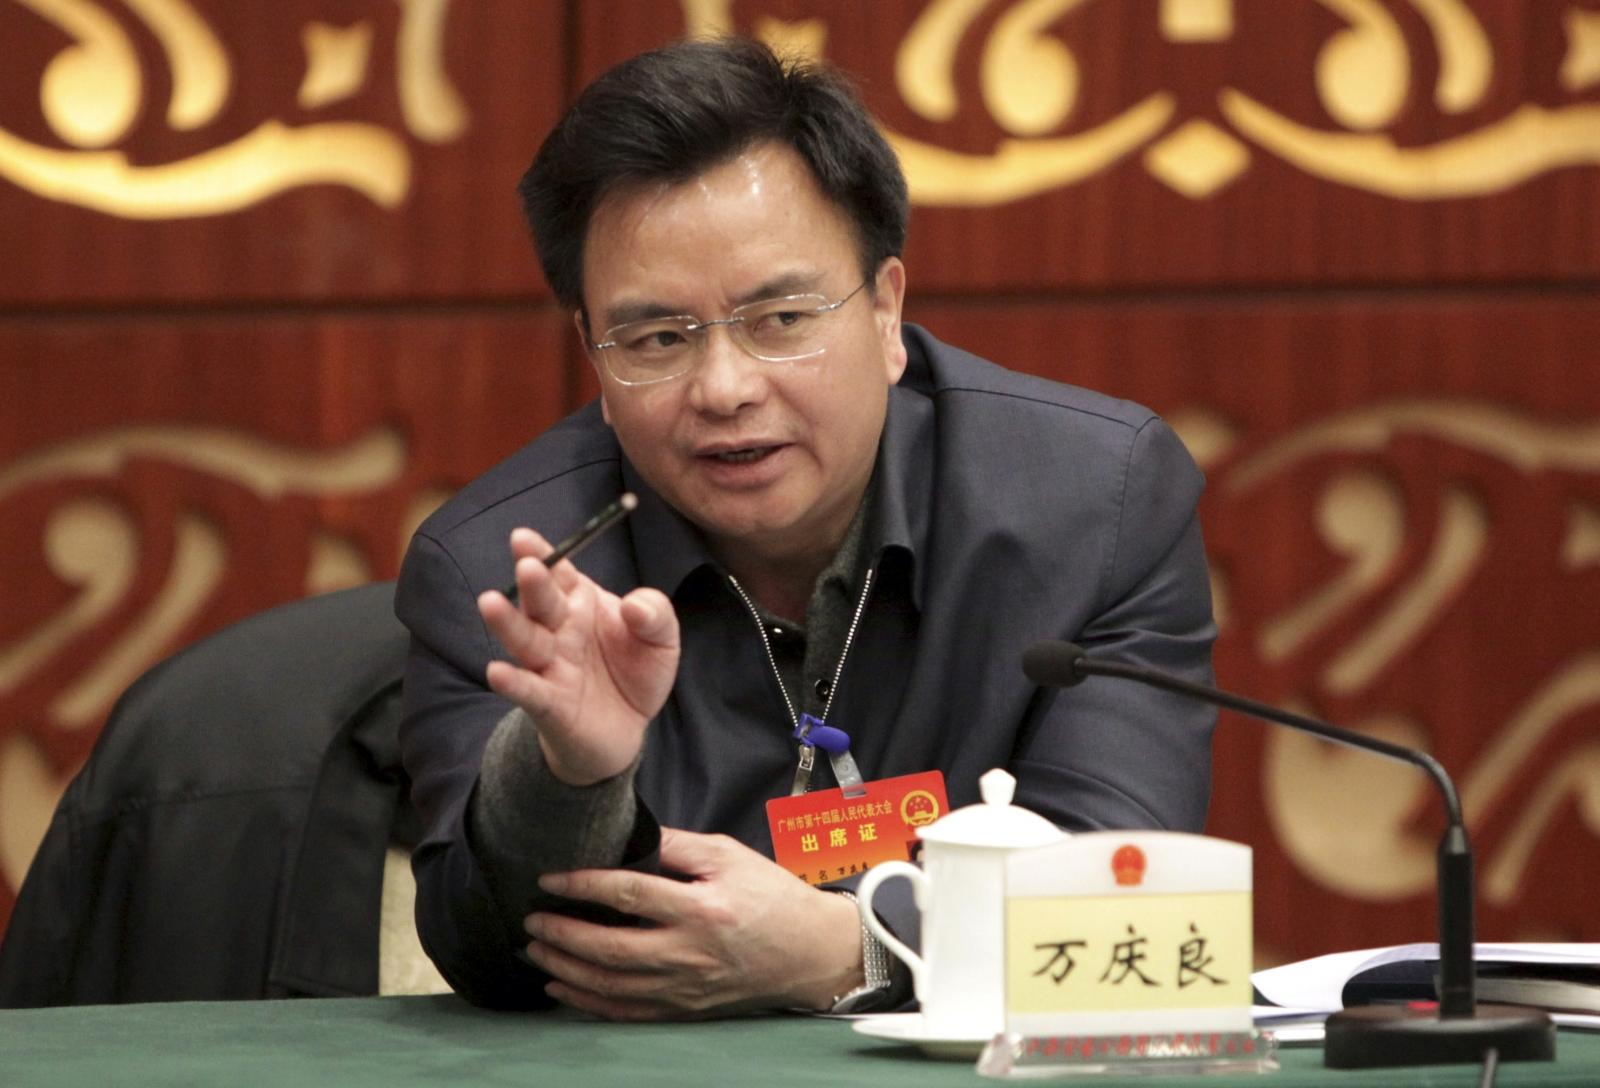 Wan Qingliang